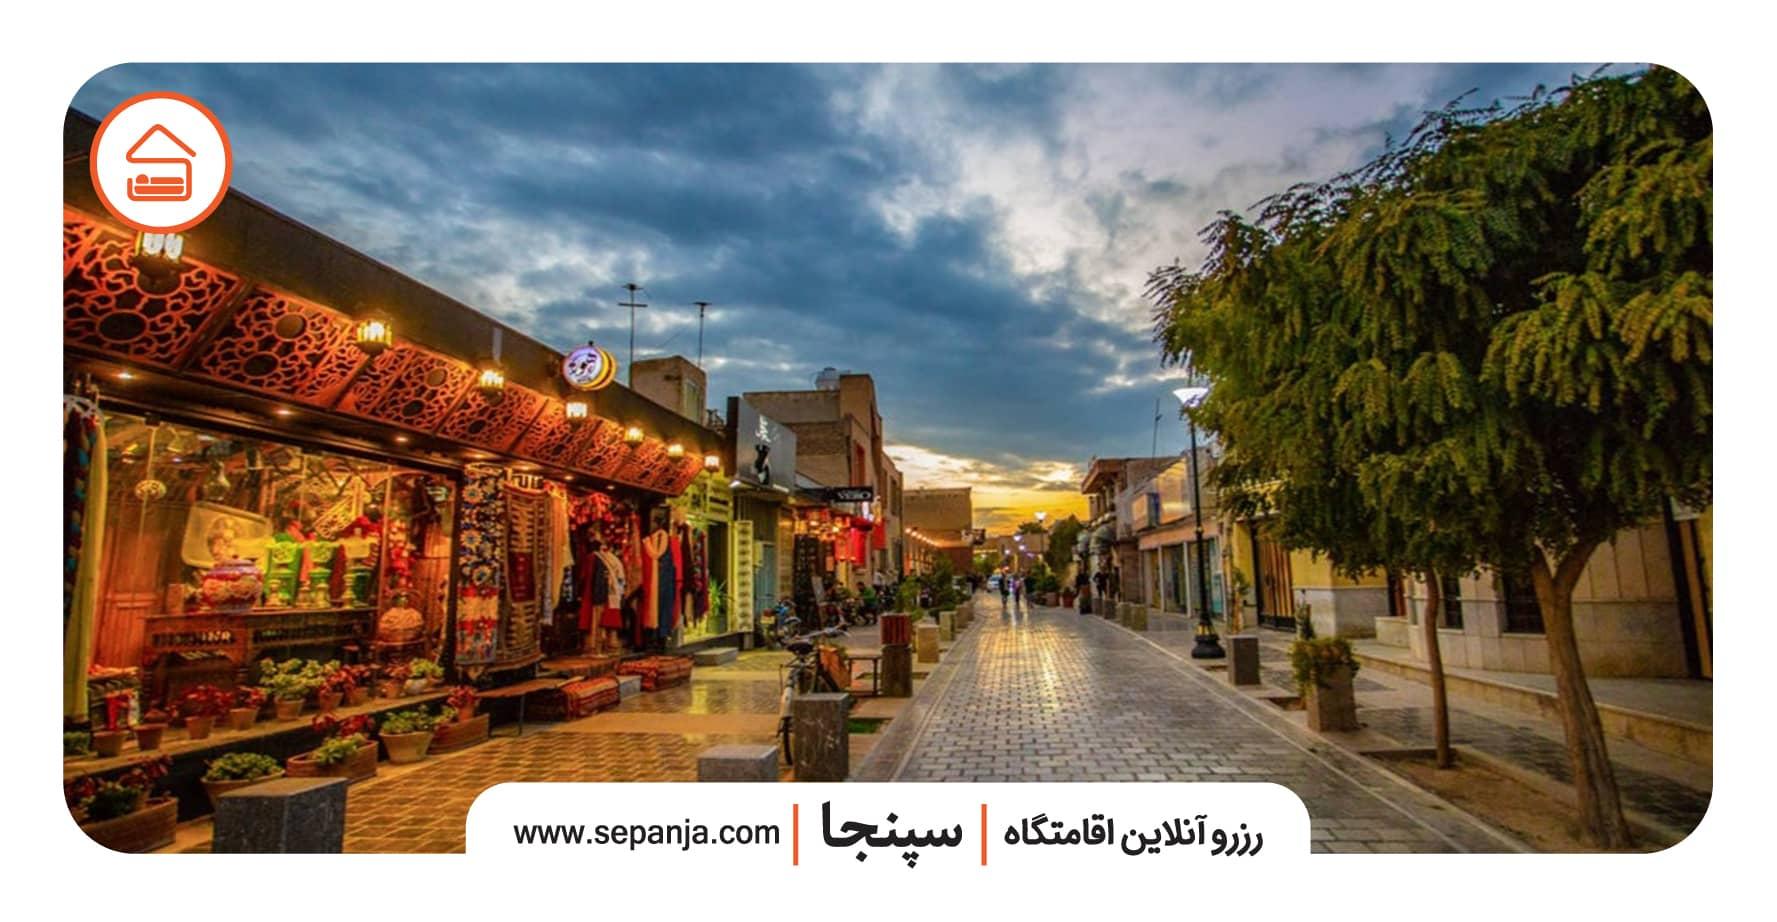 خیابان و محله جلفا در شهر اصفهان